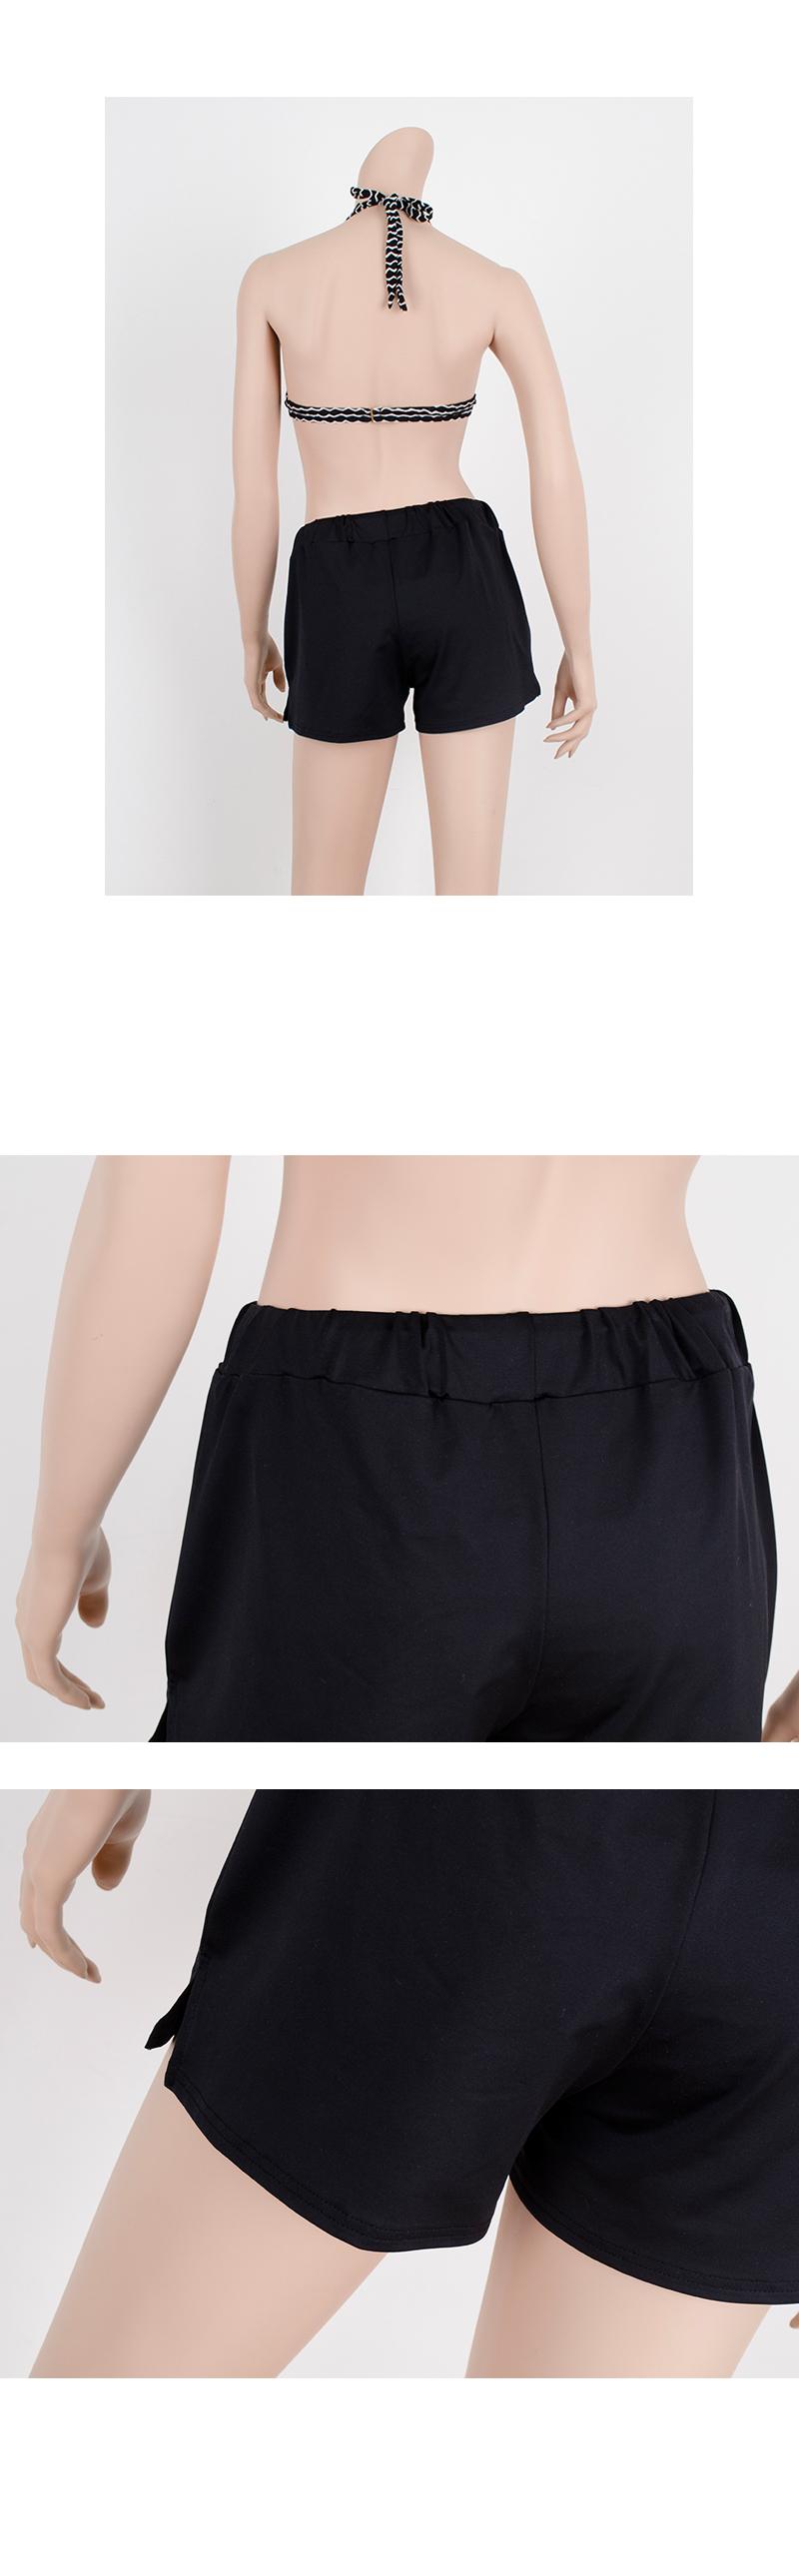 P1500 심플 블랙 워터 반바지(M.L.XL) - 쿠키세븐, 23,840원, 여성비치웨어, 래쉬가드